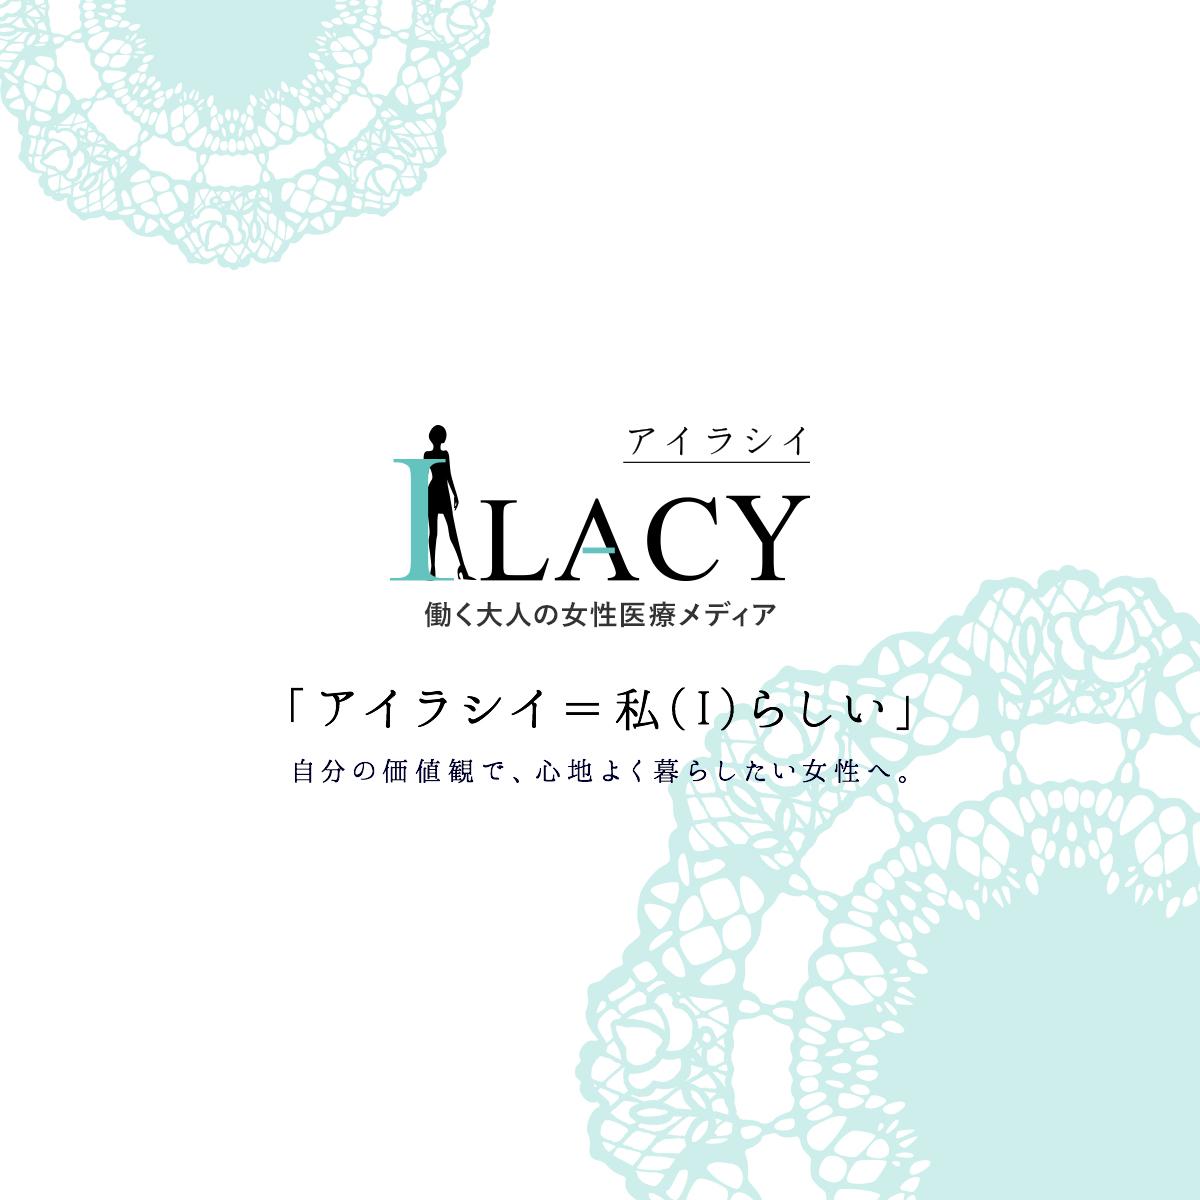 ILACY (アイラシイ) 働く女性の医療メディア - アドバンスト・メディカル・ケア